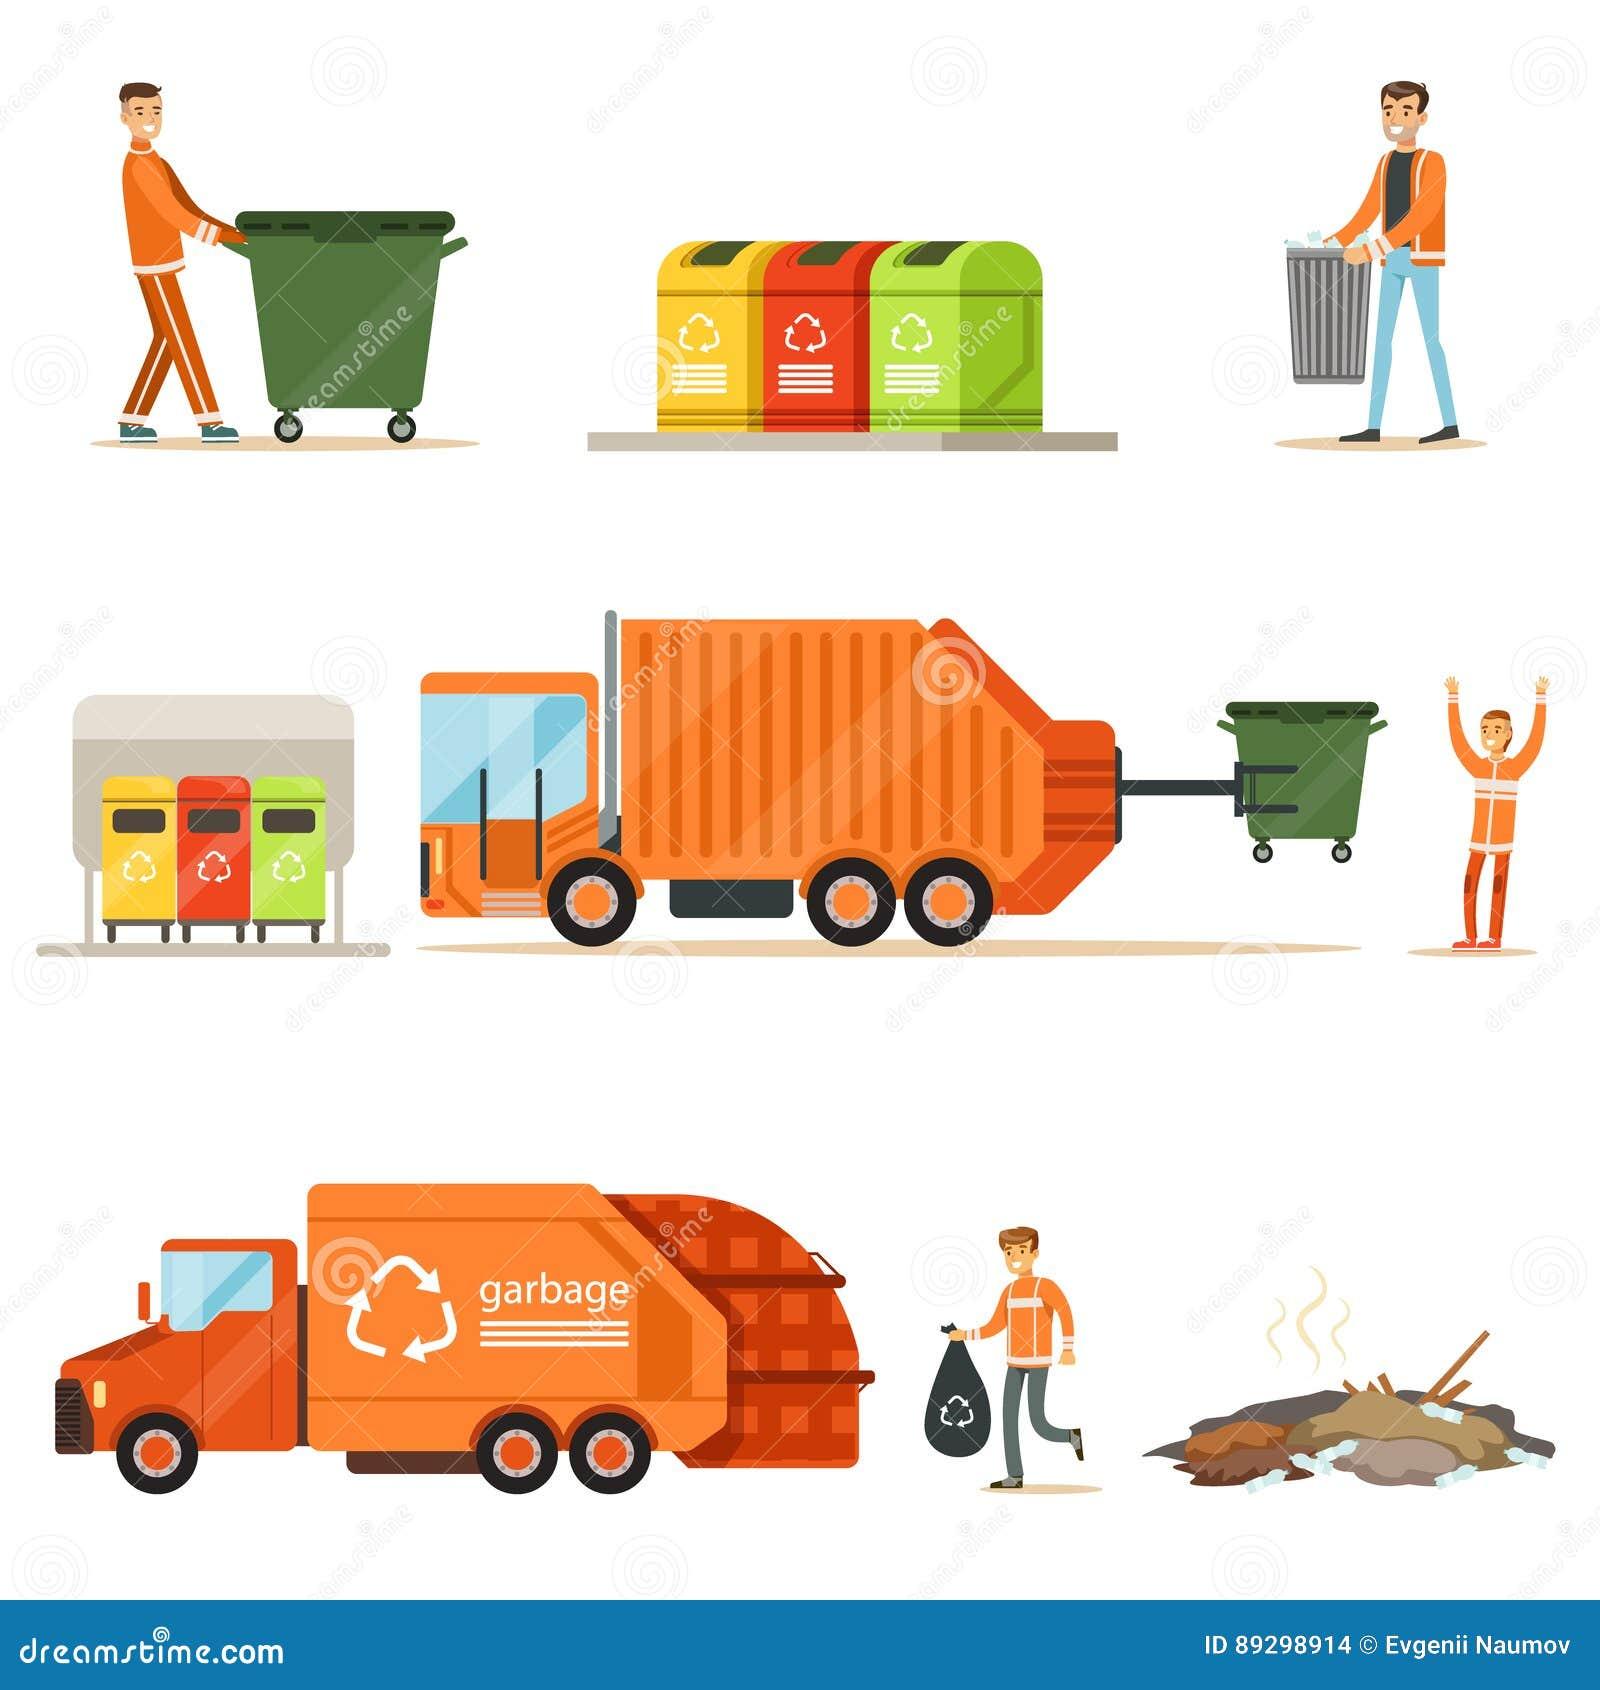 Coletor De Lixo At Work Series Das Ilustracoes Com Reciclagem De